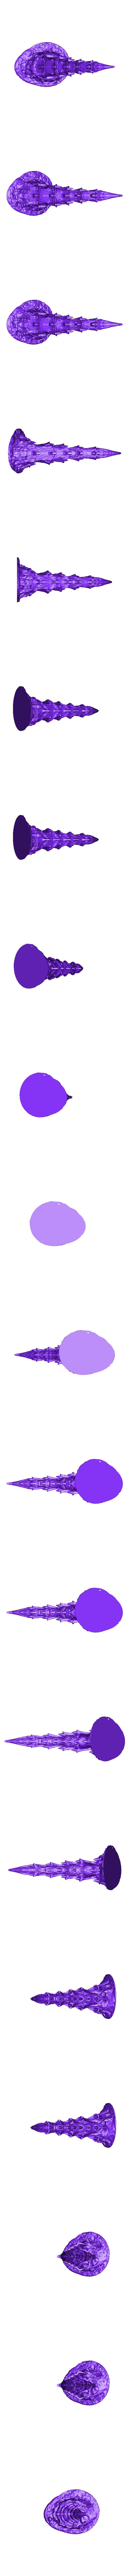 33 3E.stl Télécharger fichier STL gratuit Tyty bug party terrain remix Part 3 Free 3D print model • Modèle à imprimer en 3D, Alario